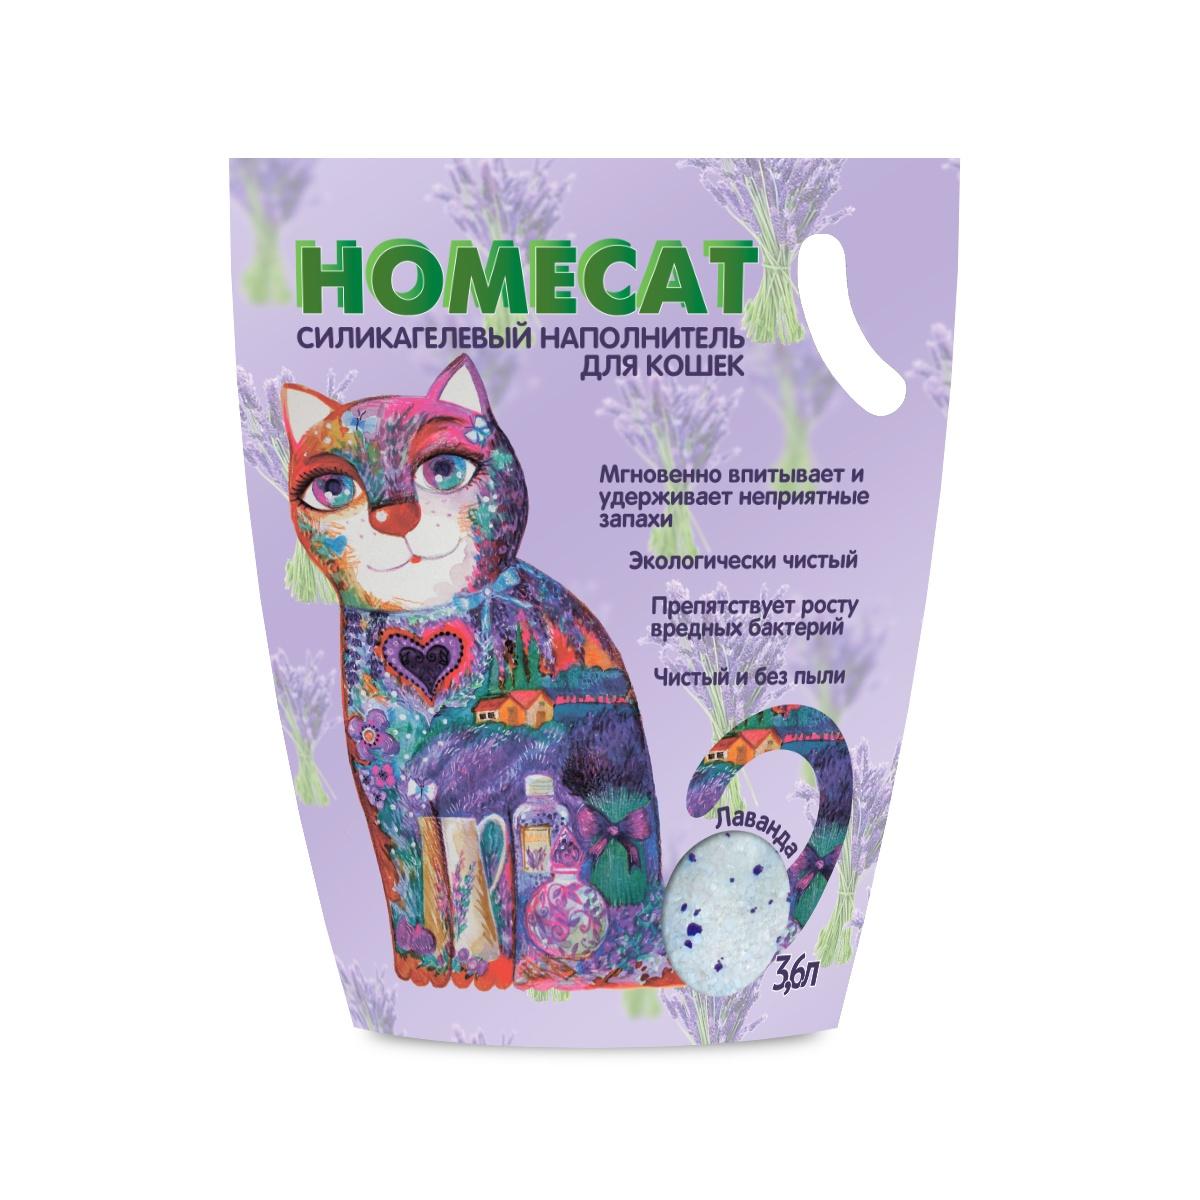 цены HOMECAT Силикагелевый наполнитель для кошачьих туалетов с ароматом лаванды (3.6 л)